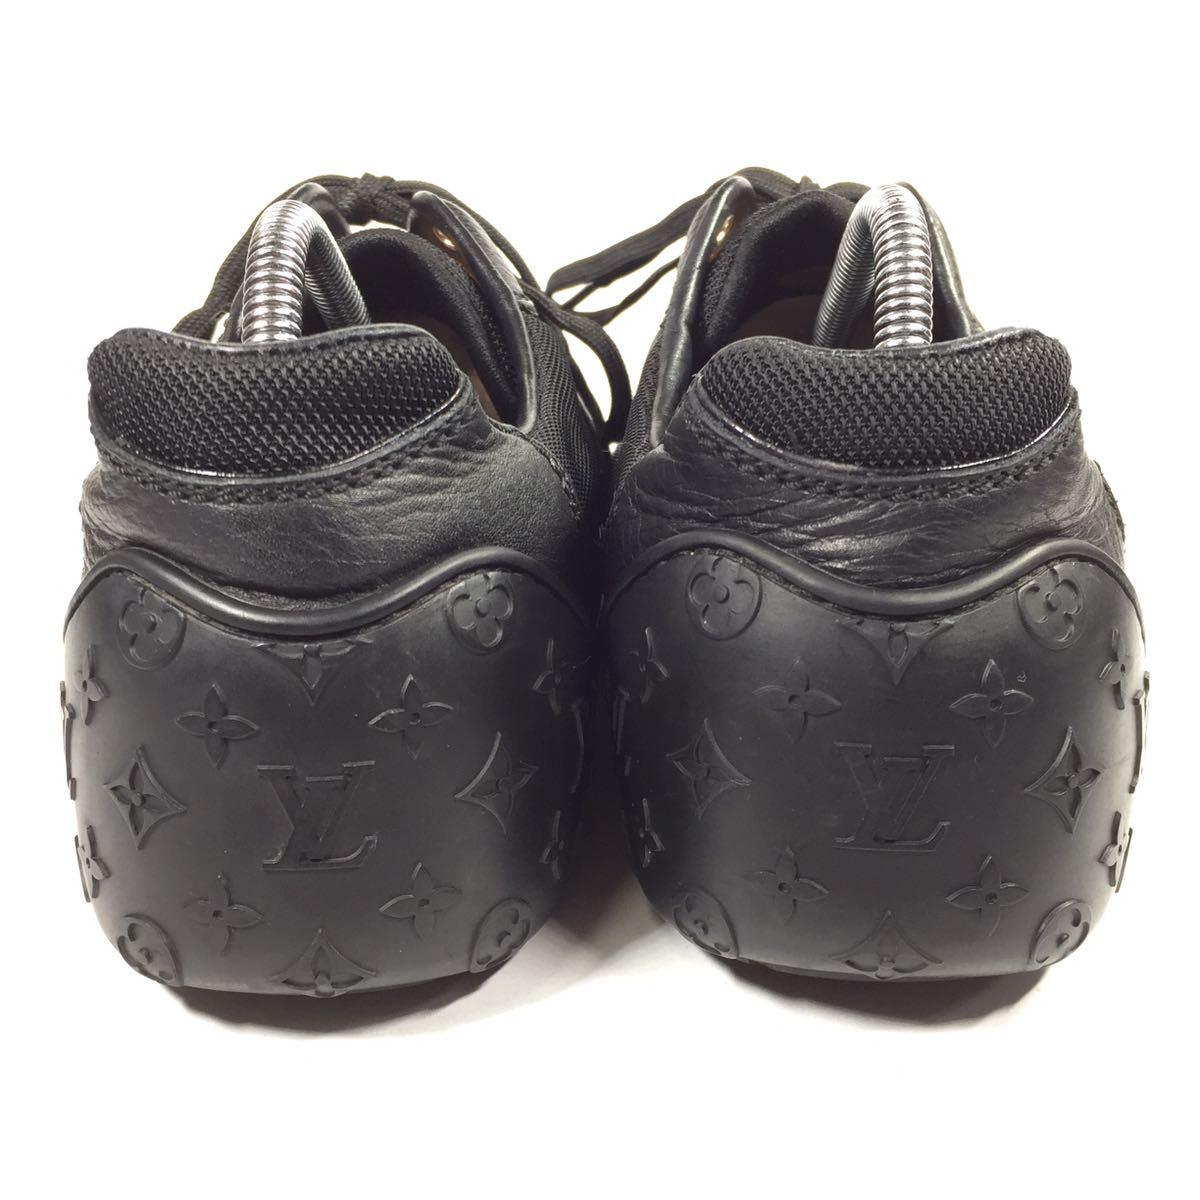 【ルイヴィトン】本物 LOUIS VUITTON 靴 26cm 黒 モノグラム スニーカー カジュアルシューズ 本革×化学繊維 レザー メンズ イタリア製 7_画像3